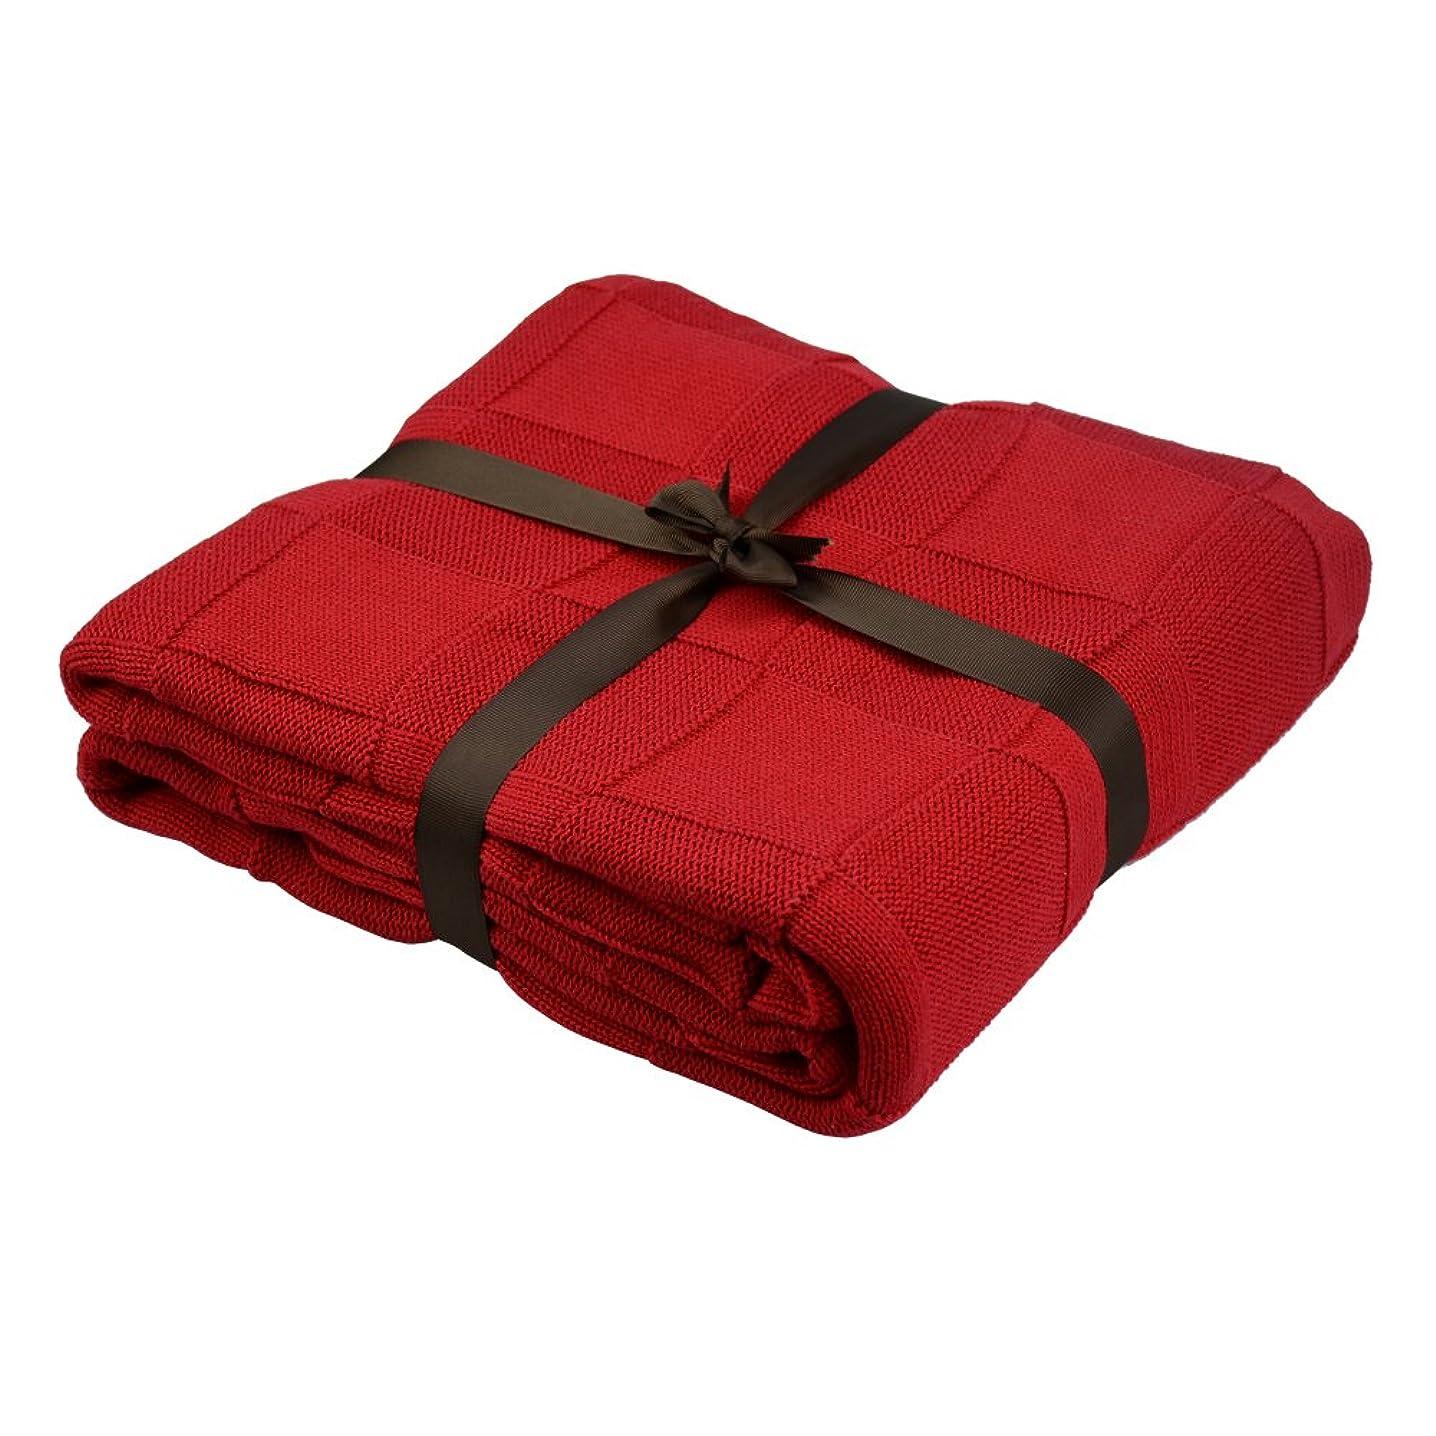 ジョガー召集するイデオロギーEtechMart ベッドランナー スローブランケット 毛布 ベッド ソファー用 ケーブル ニット 110x 180cm チェック レッド